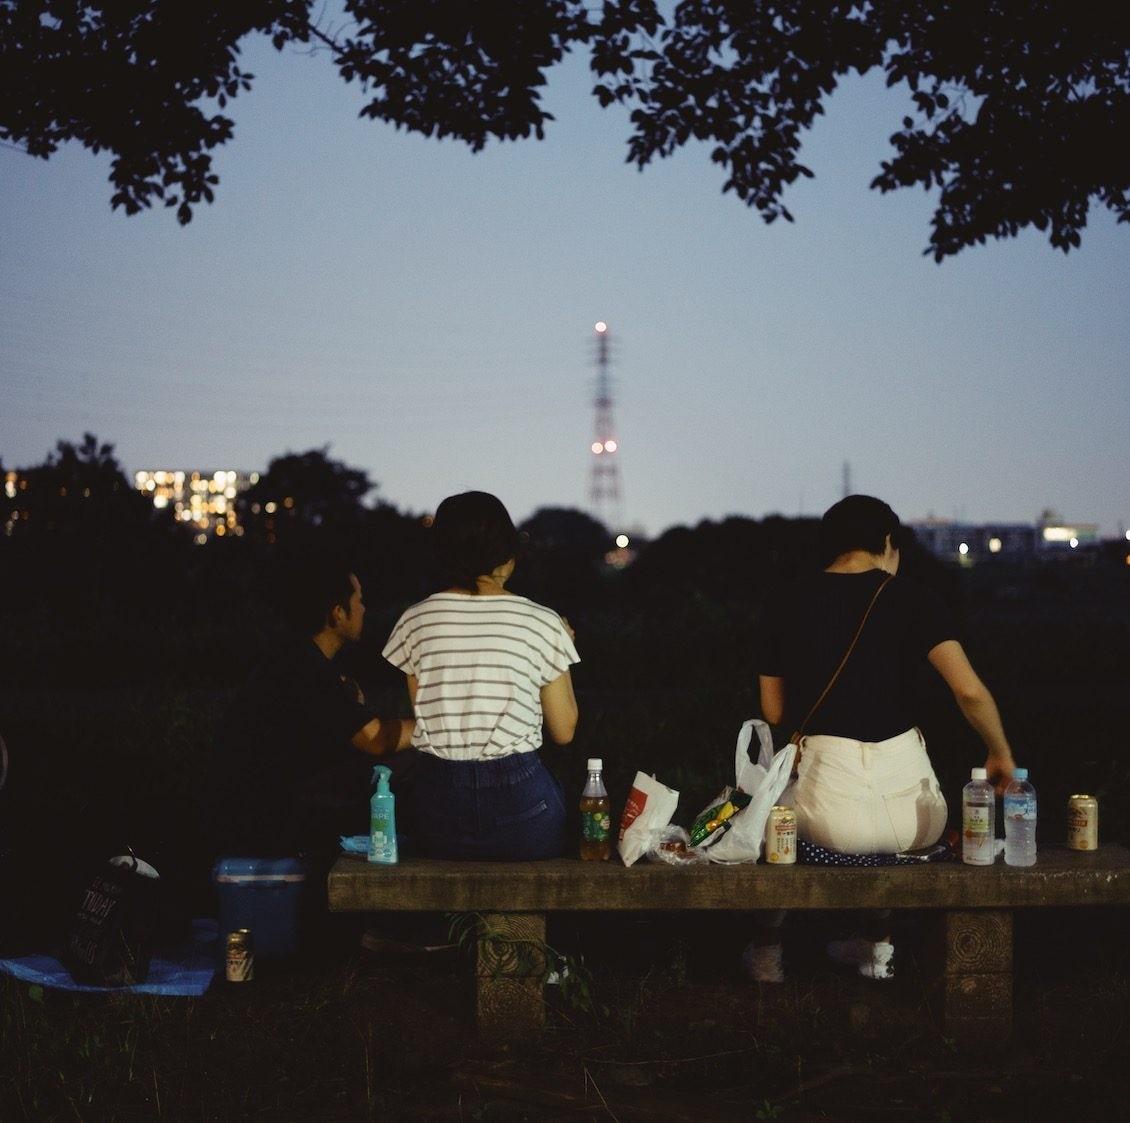 【僕のおやつ日記】打ち上げ花火を見上げていたら。